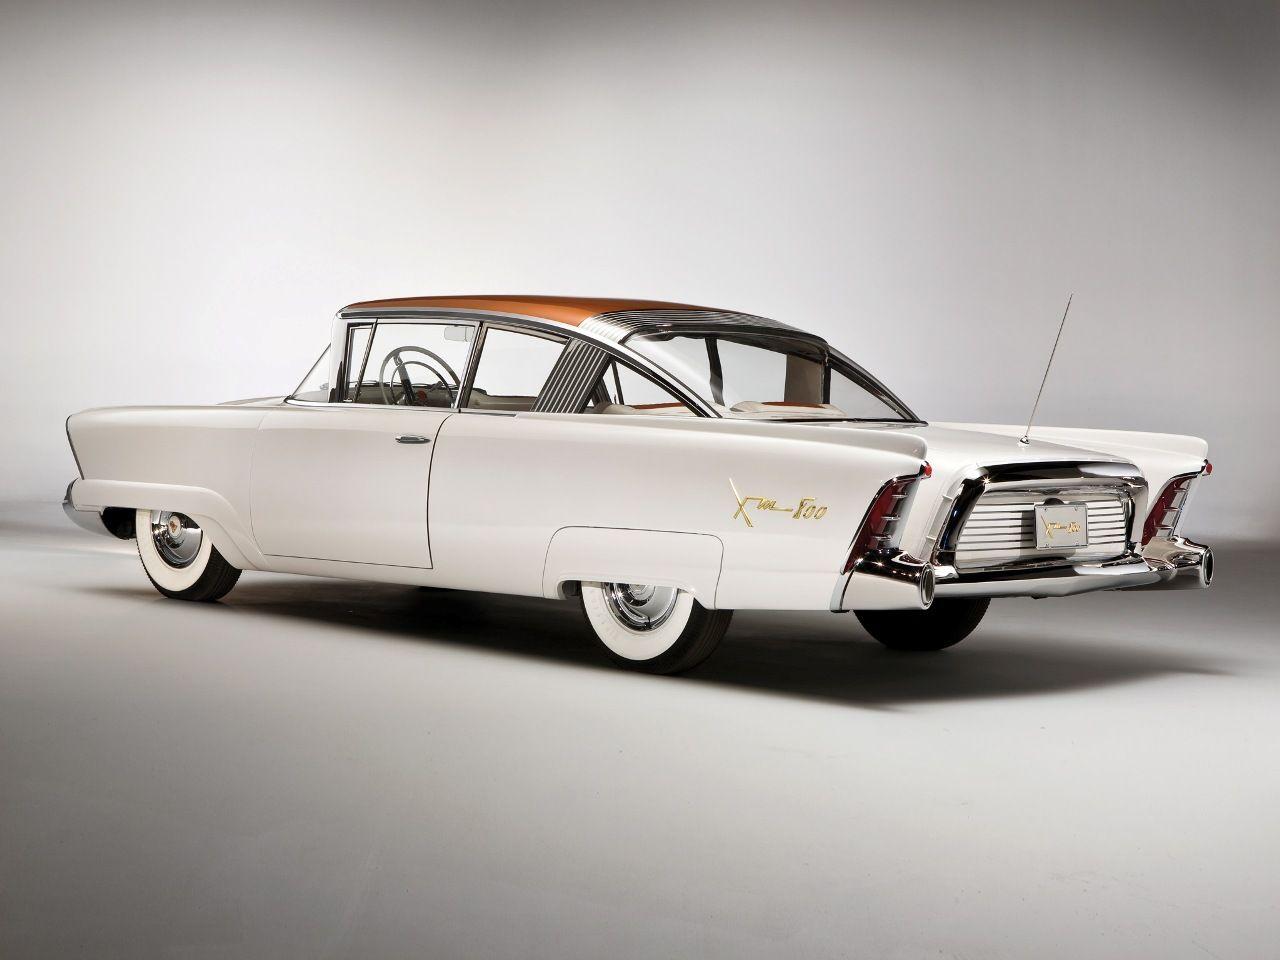 1954 Mercury Monterey XM-800